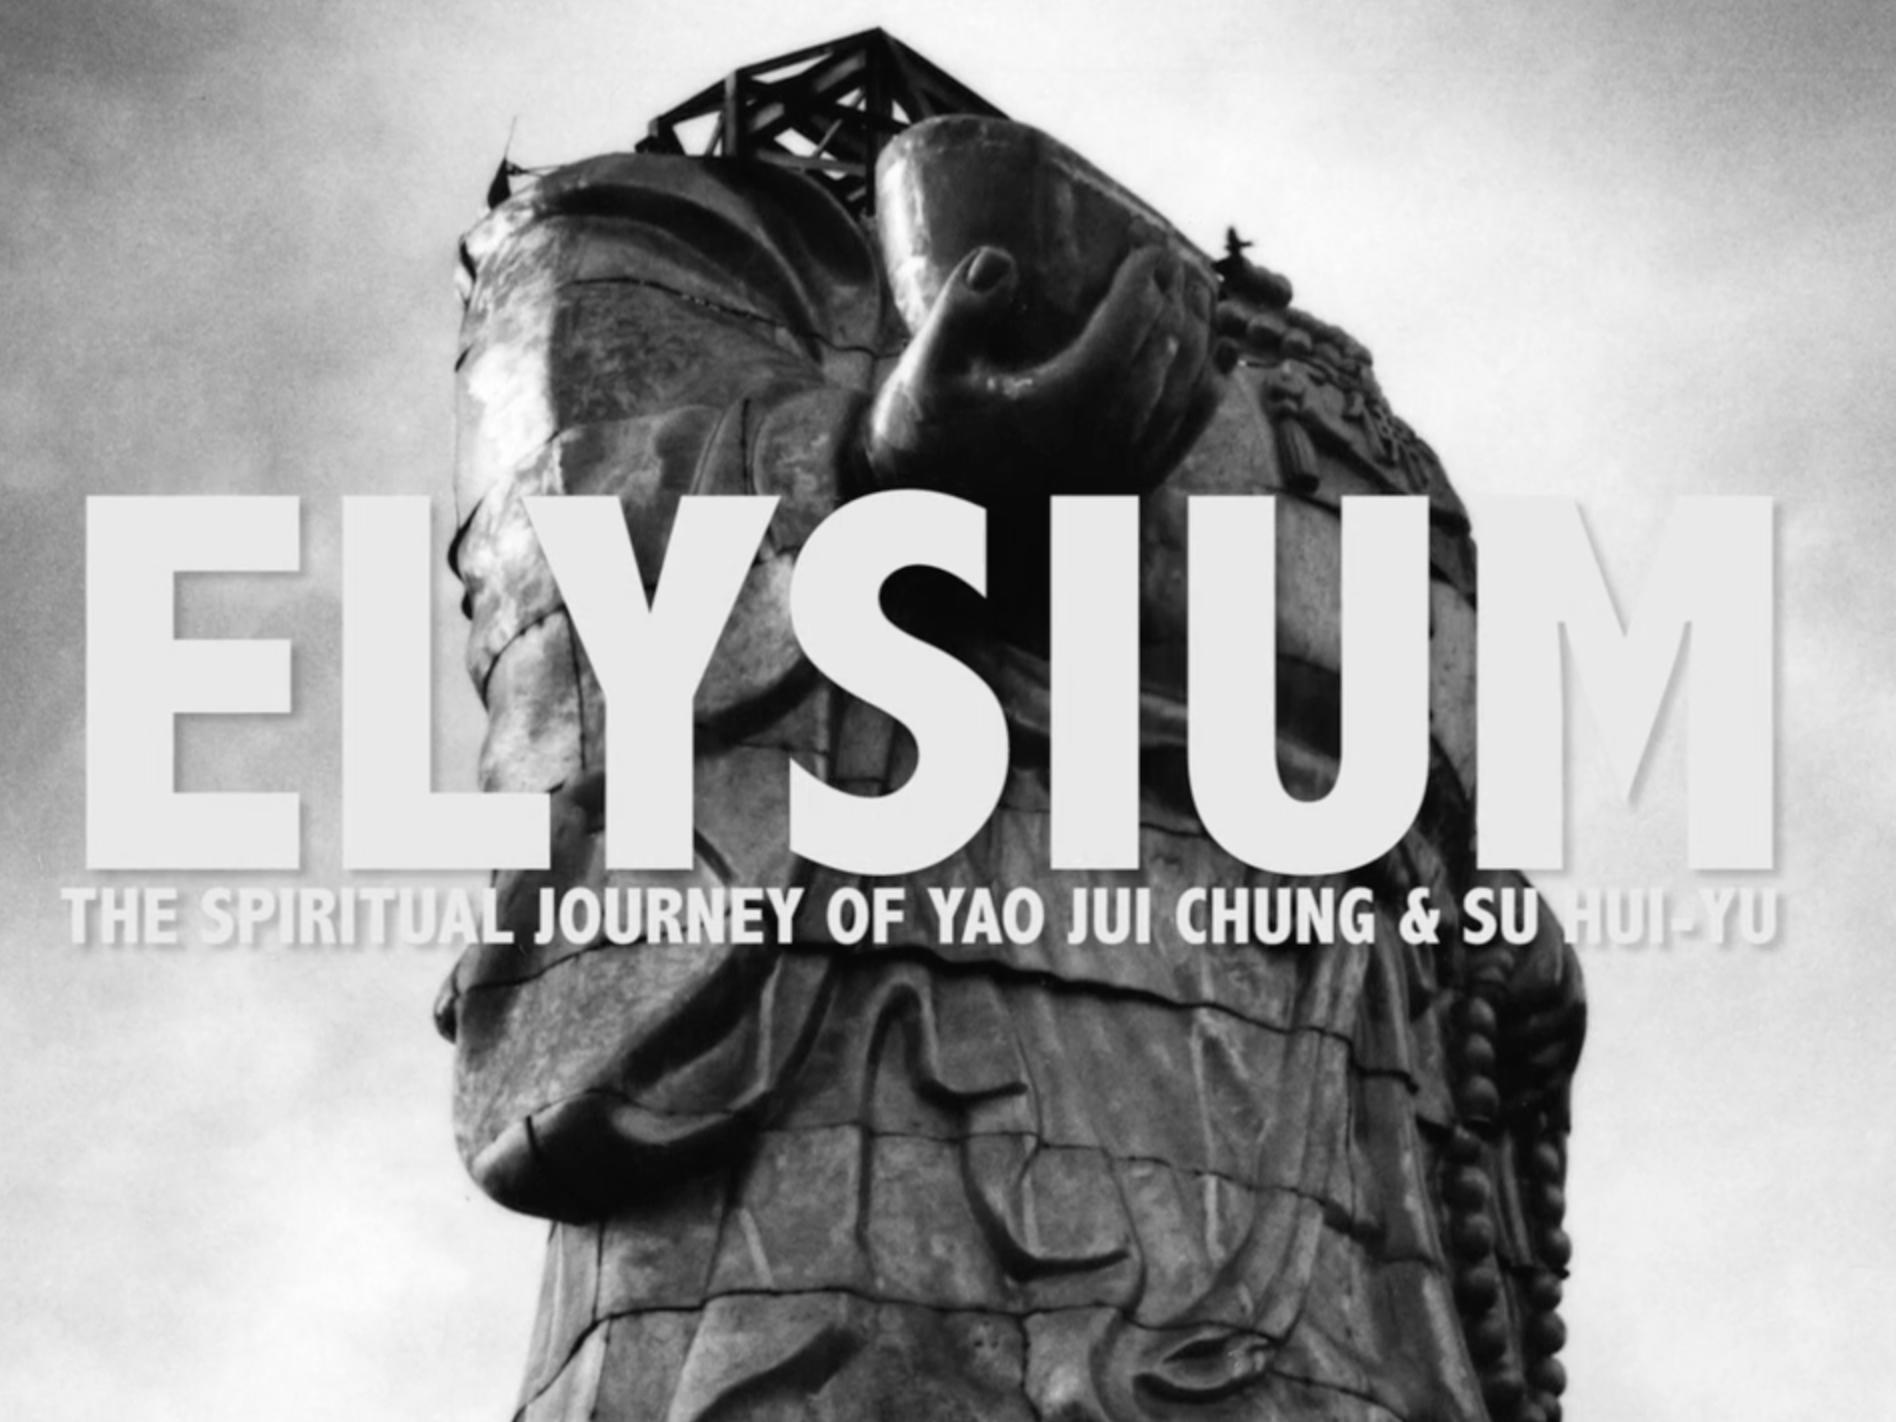 極樂世界:姚瑞中與蘇匯宇的神遊之旅